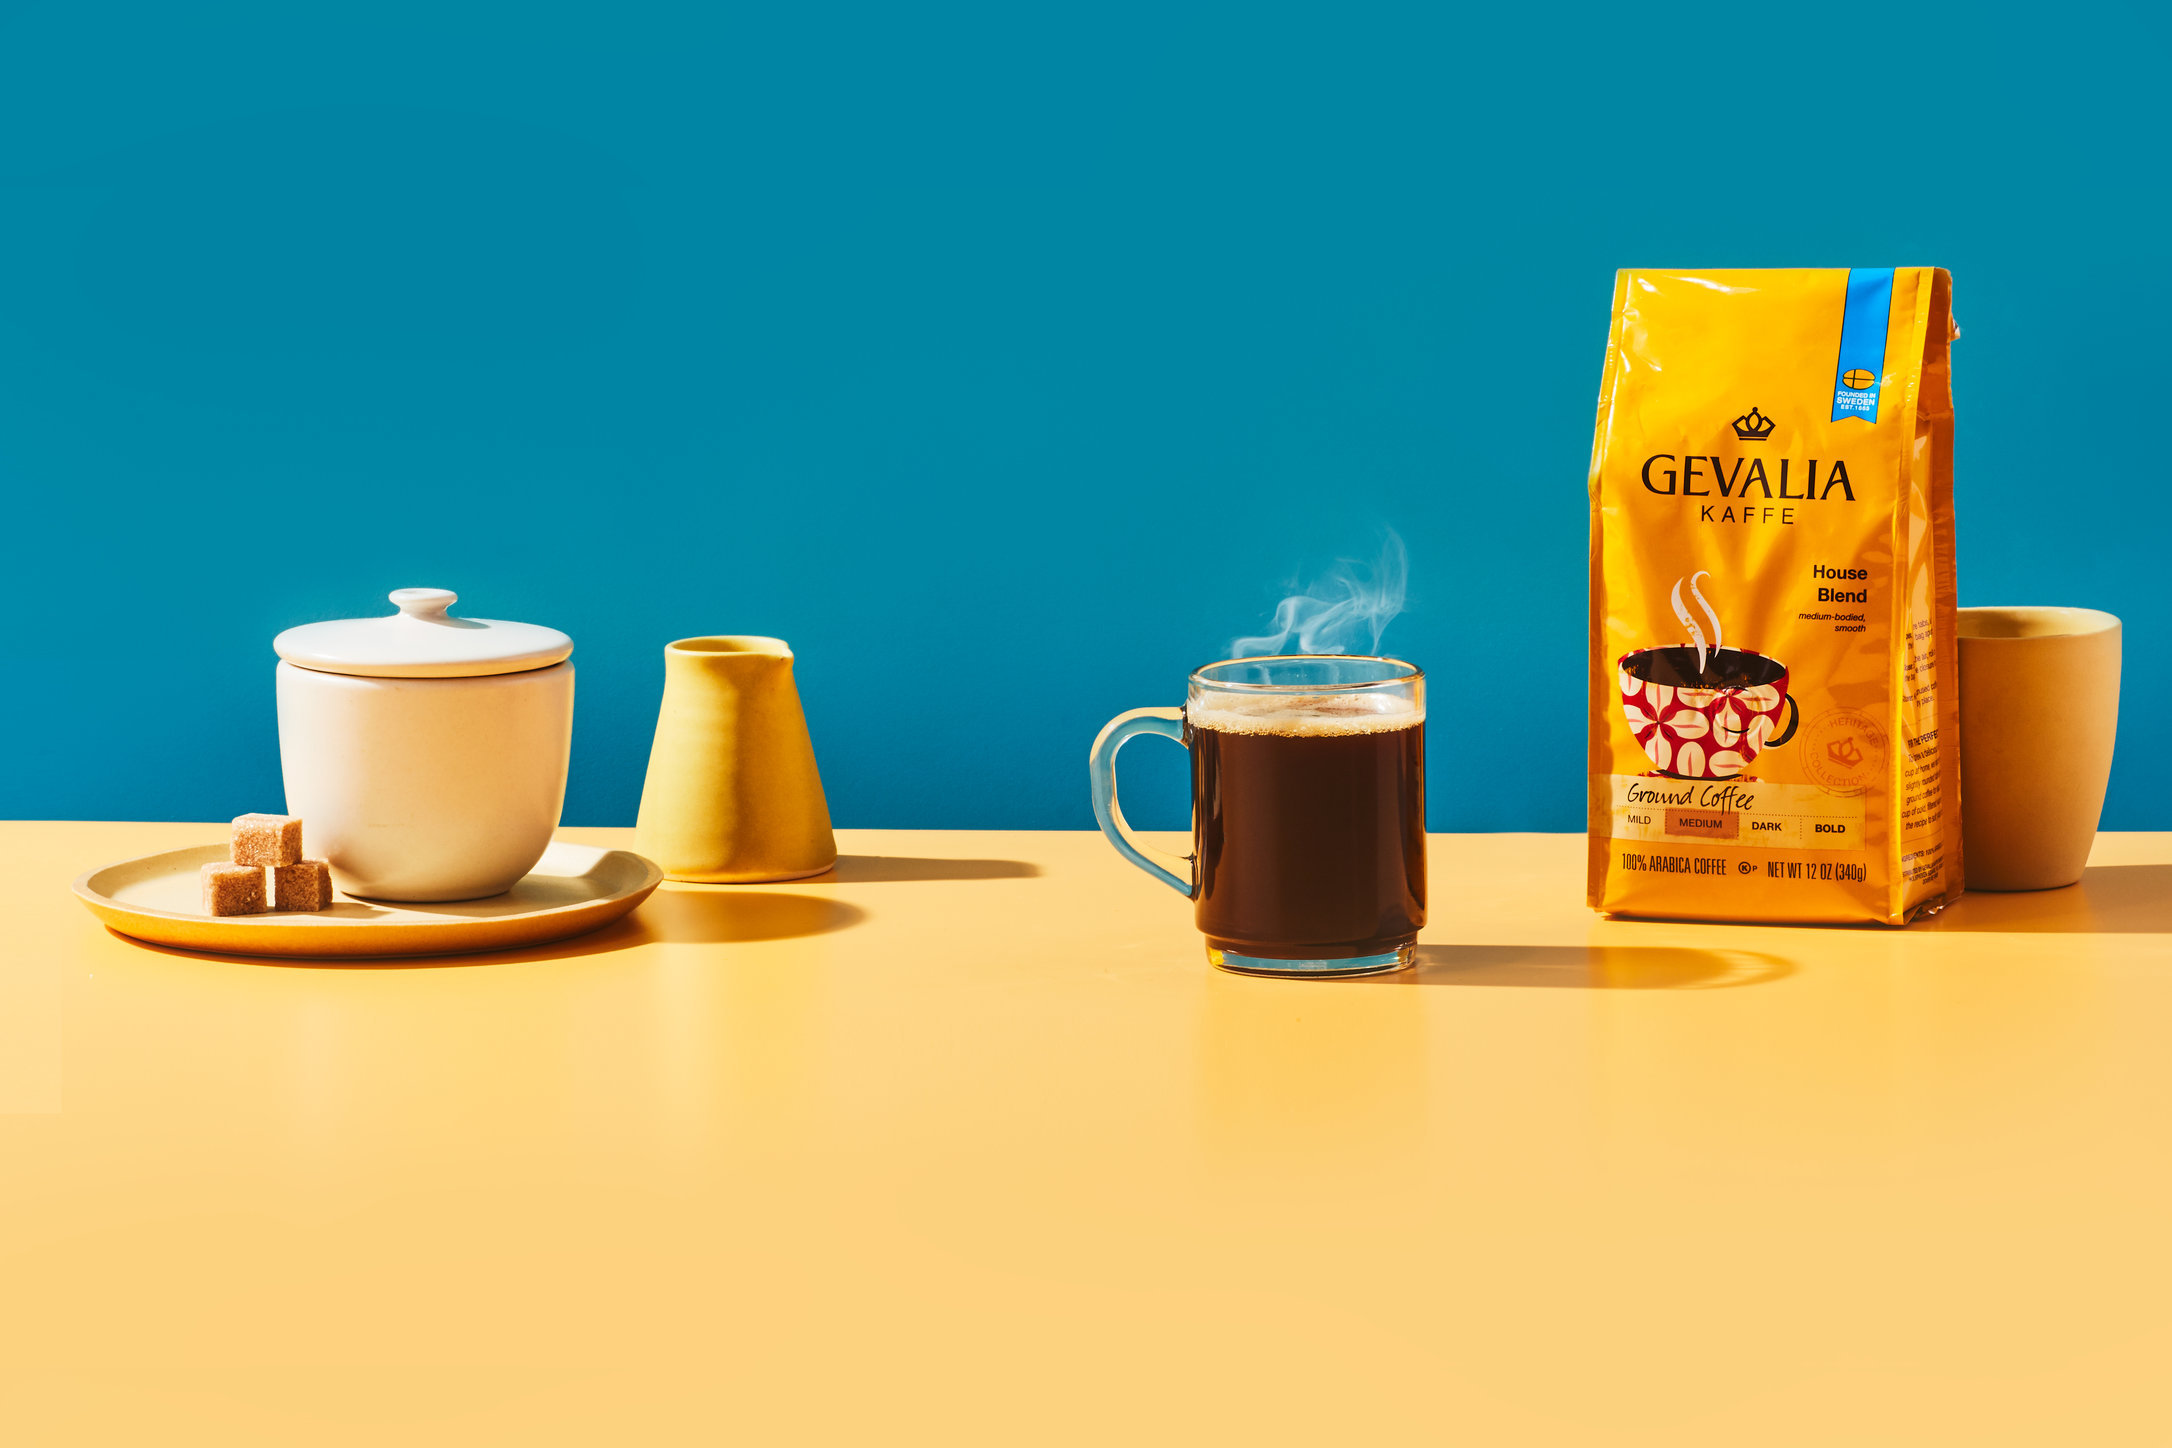 Gevalia-Product-300x600-25102018-2.jpg